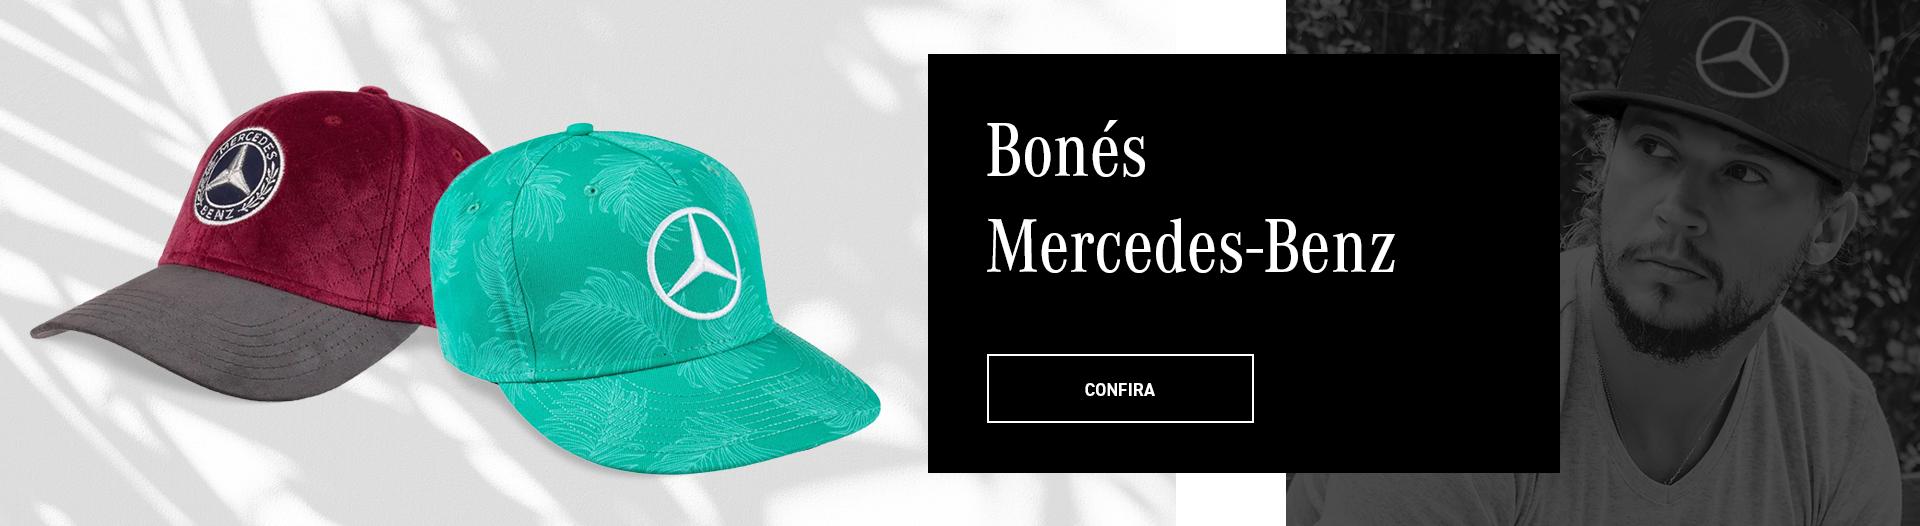 Banner - Bones